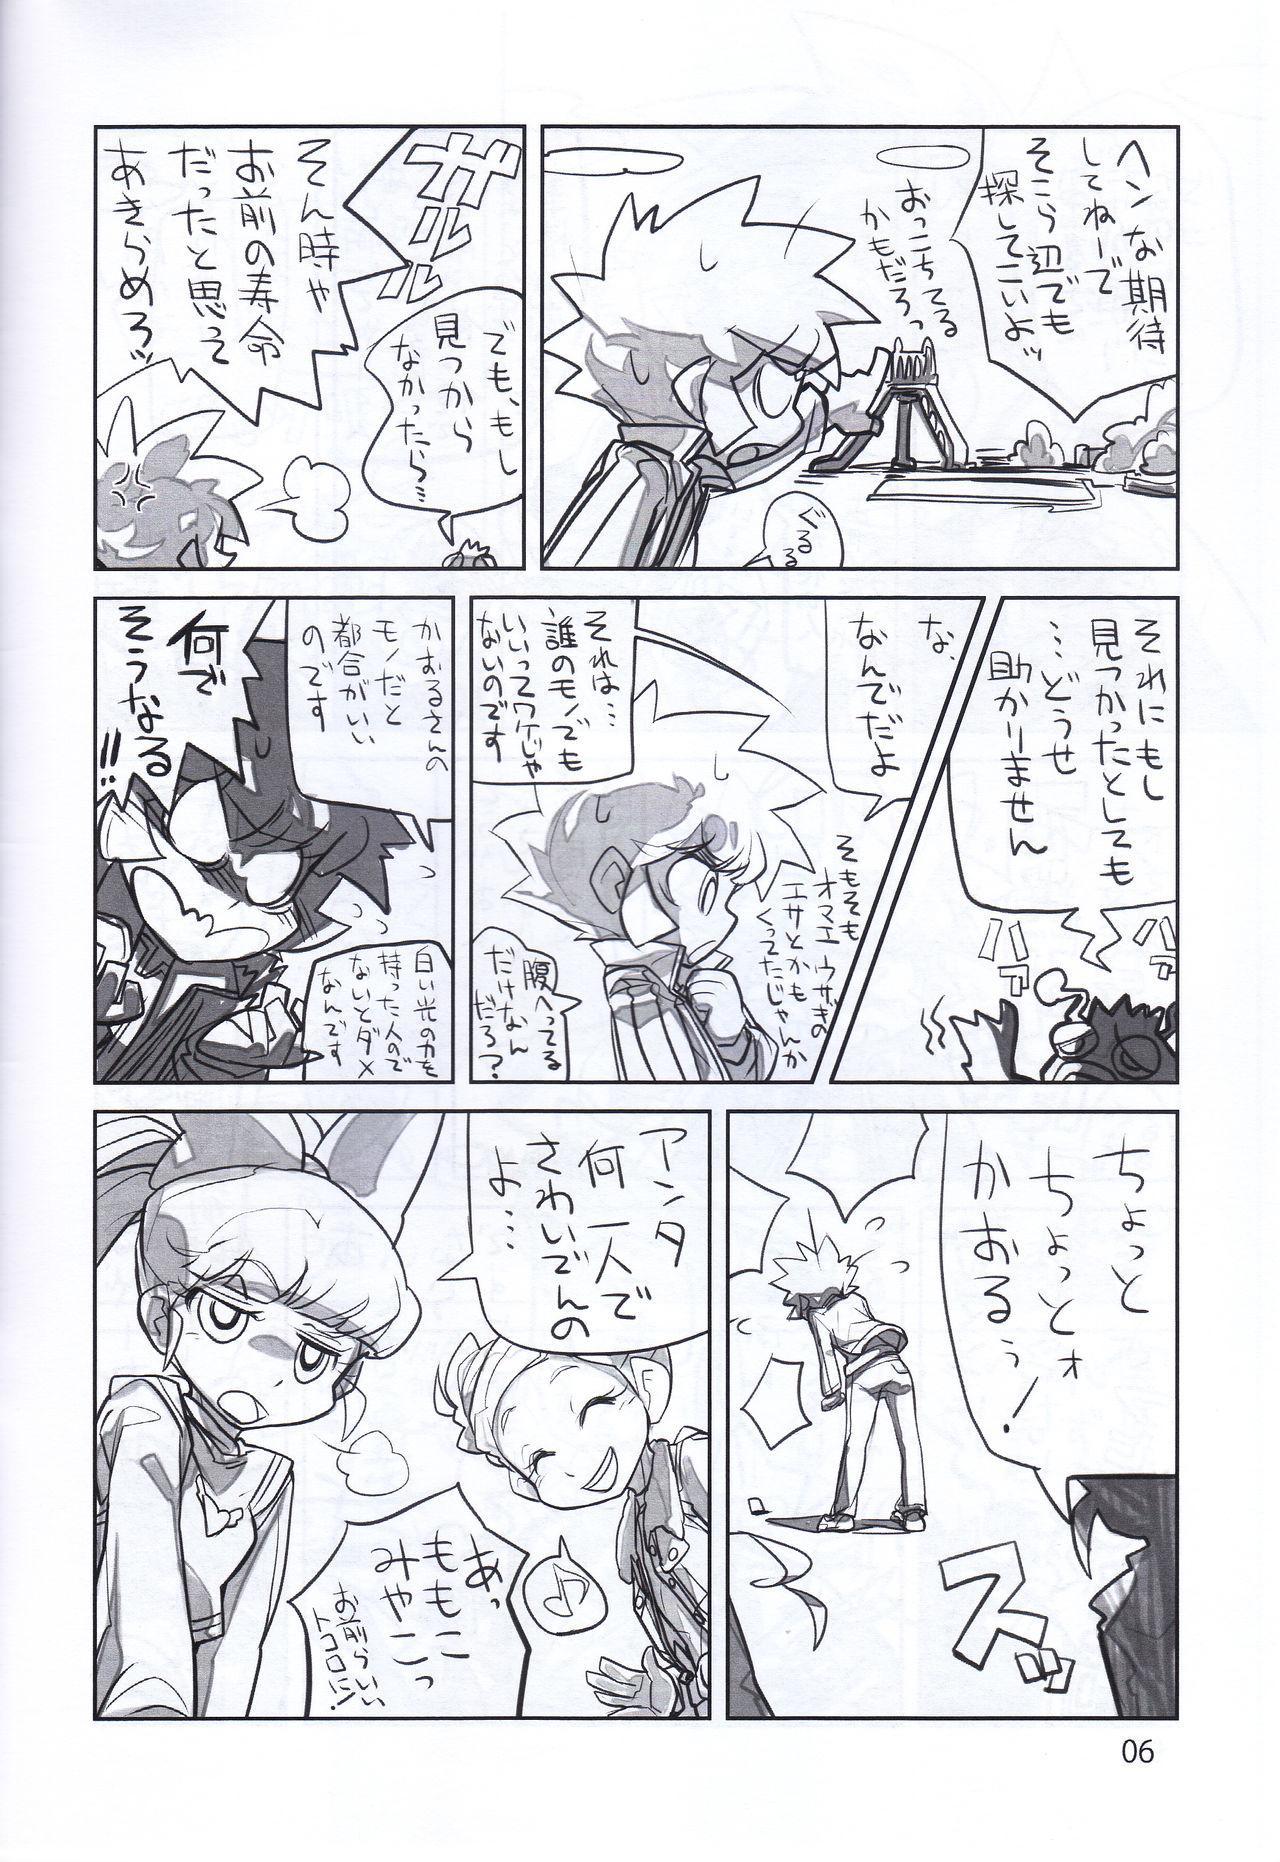 Juicy6 5